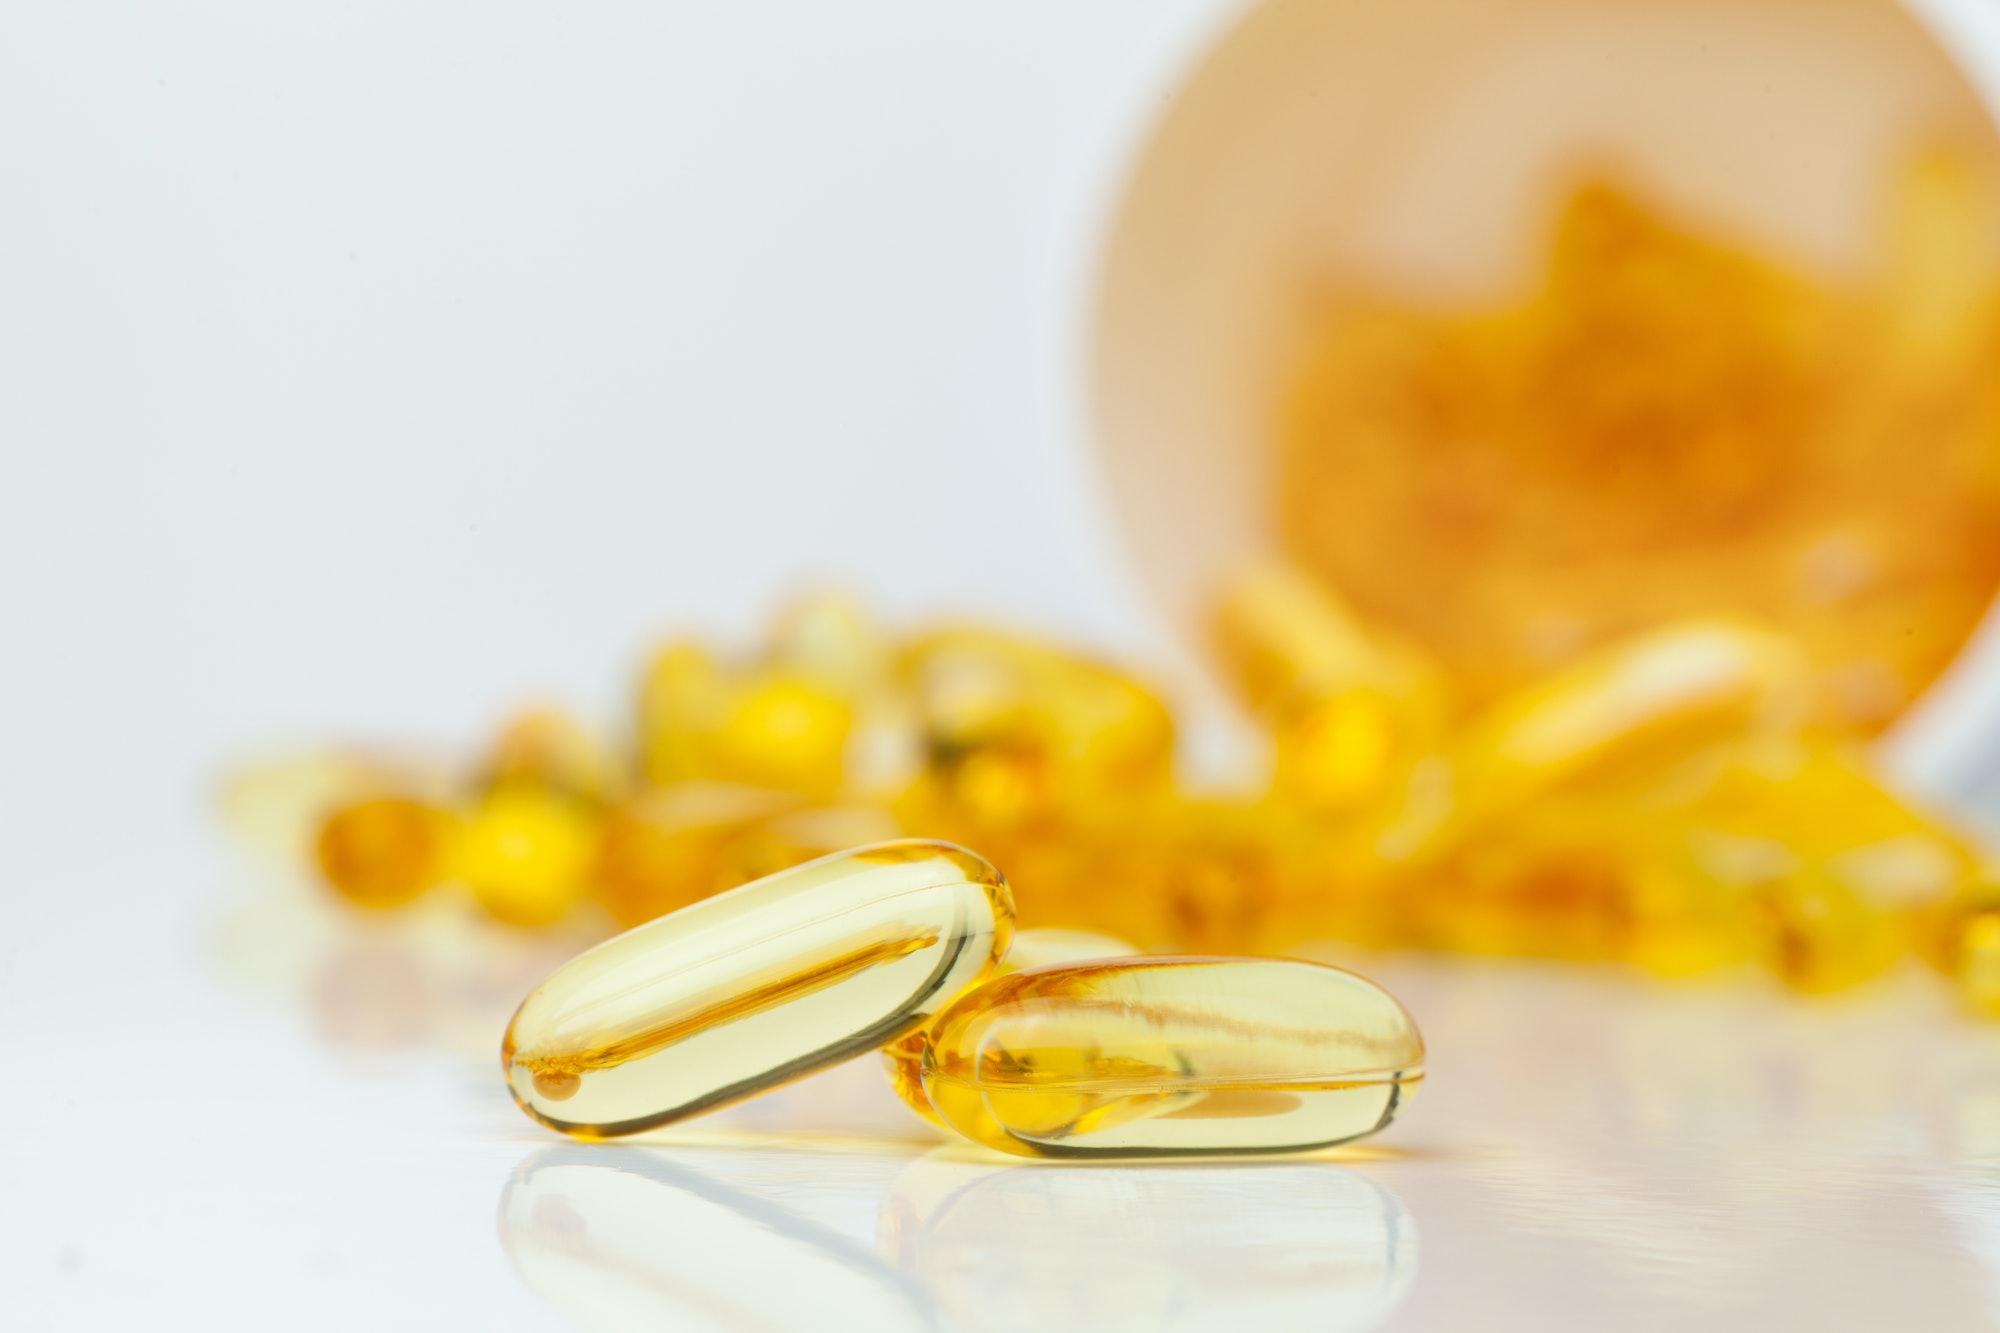 omega-3s, sperm